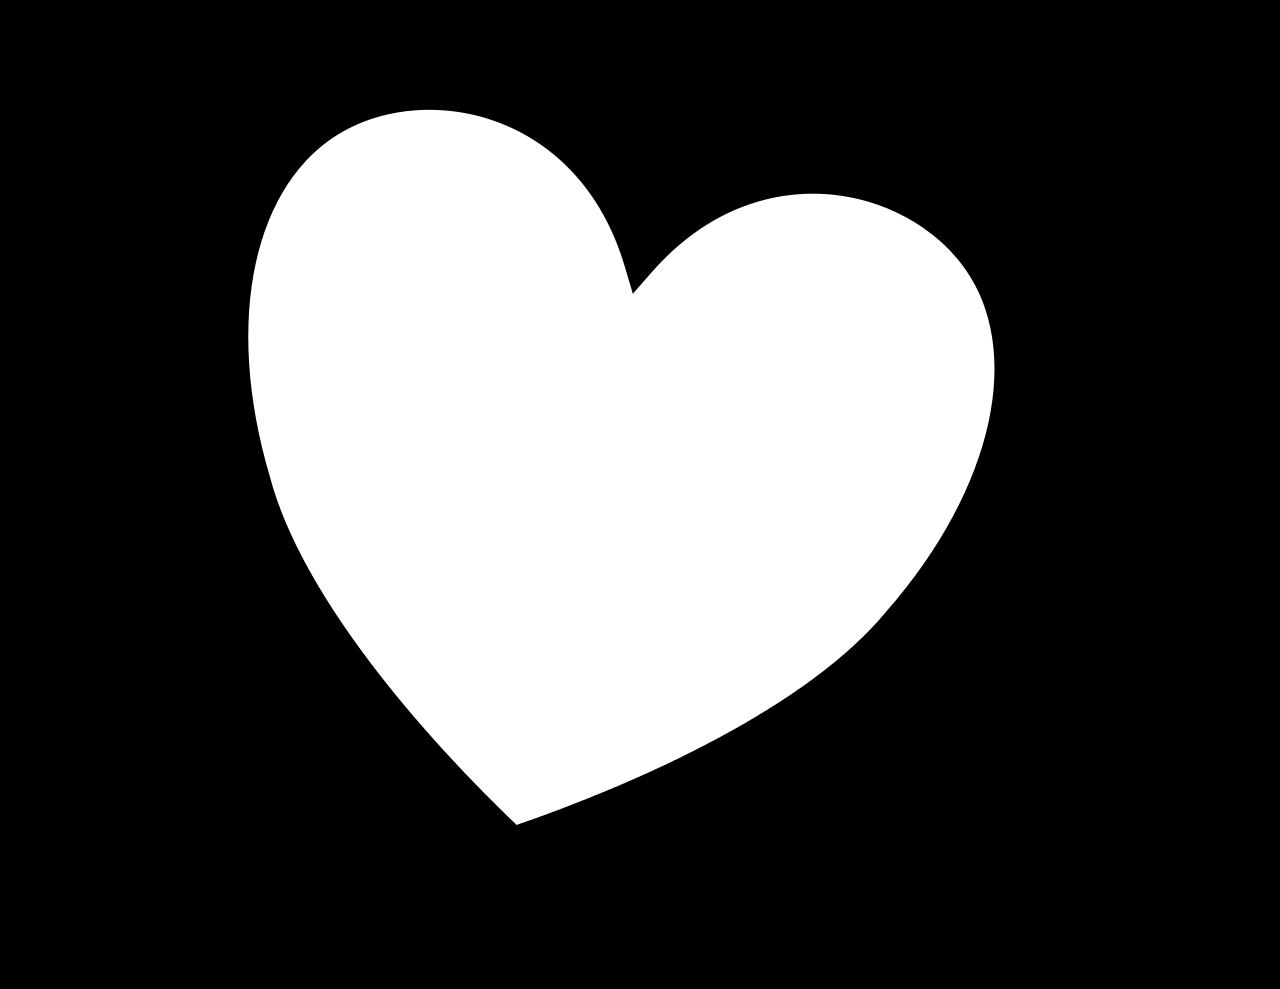 s in a heart 107452560865b9330caa1jpg heart s a in